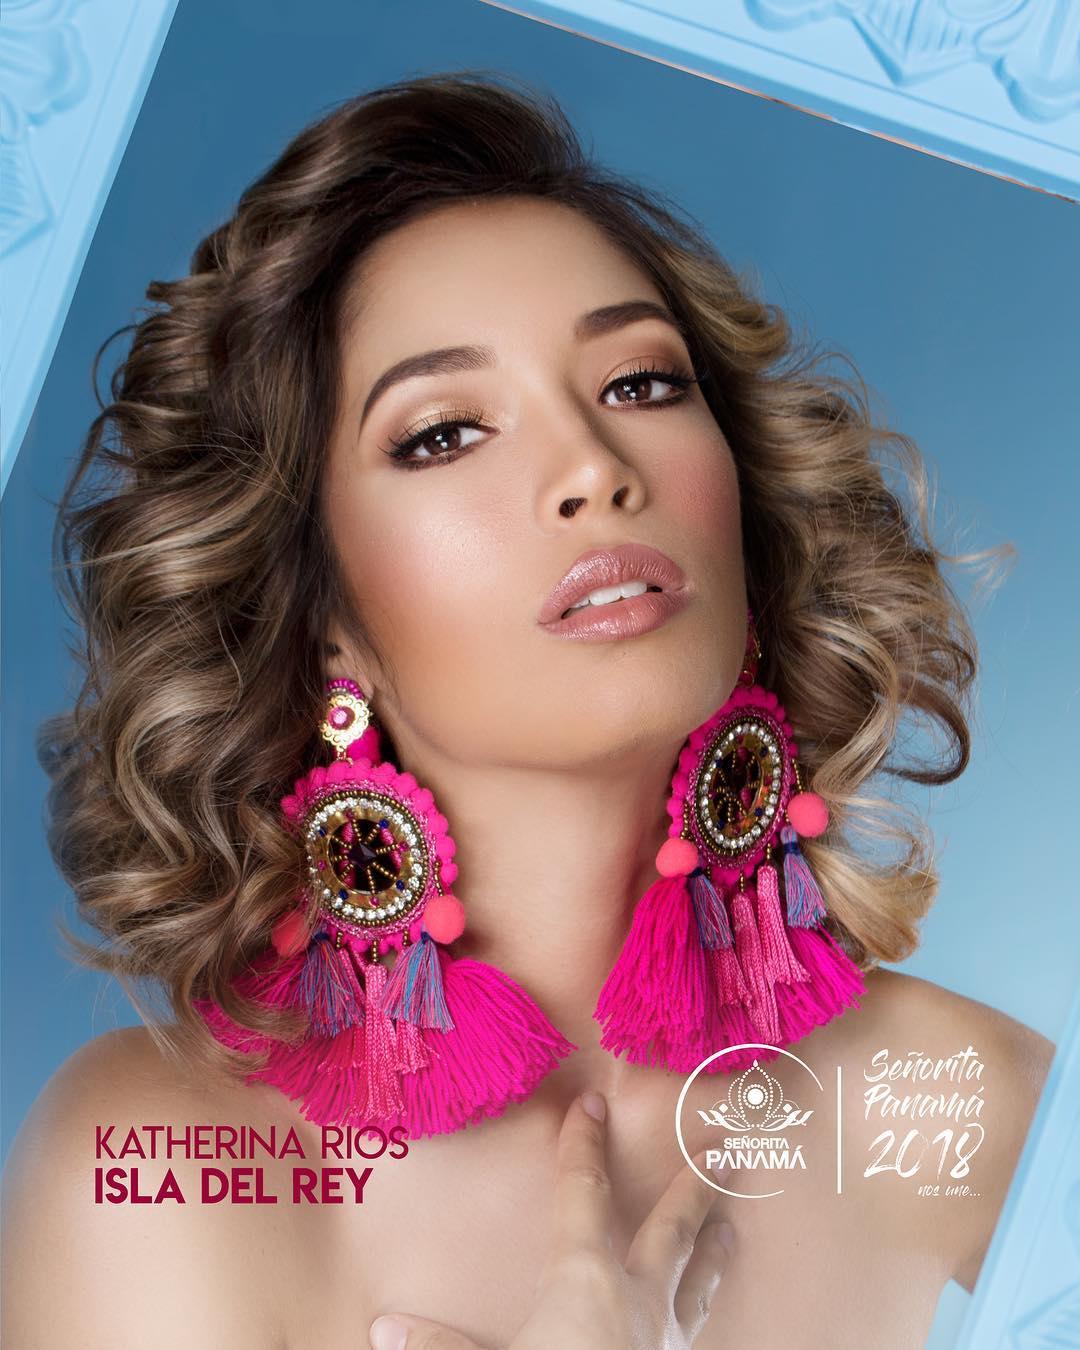 señorita miss colombia 2018 candidates candidatas contestants delegates Miss Isla del Rey Katherina Rios